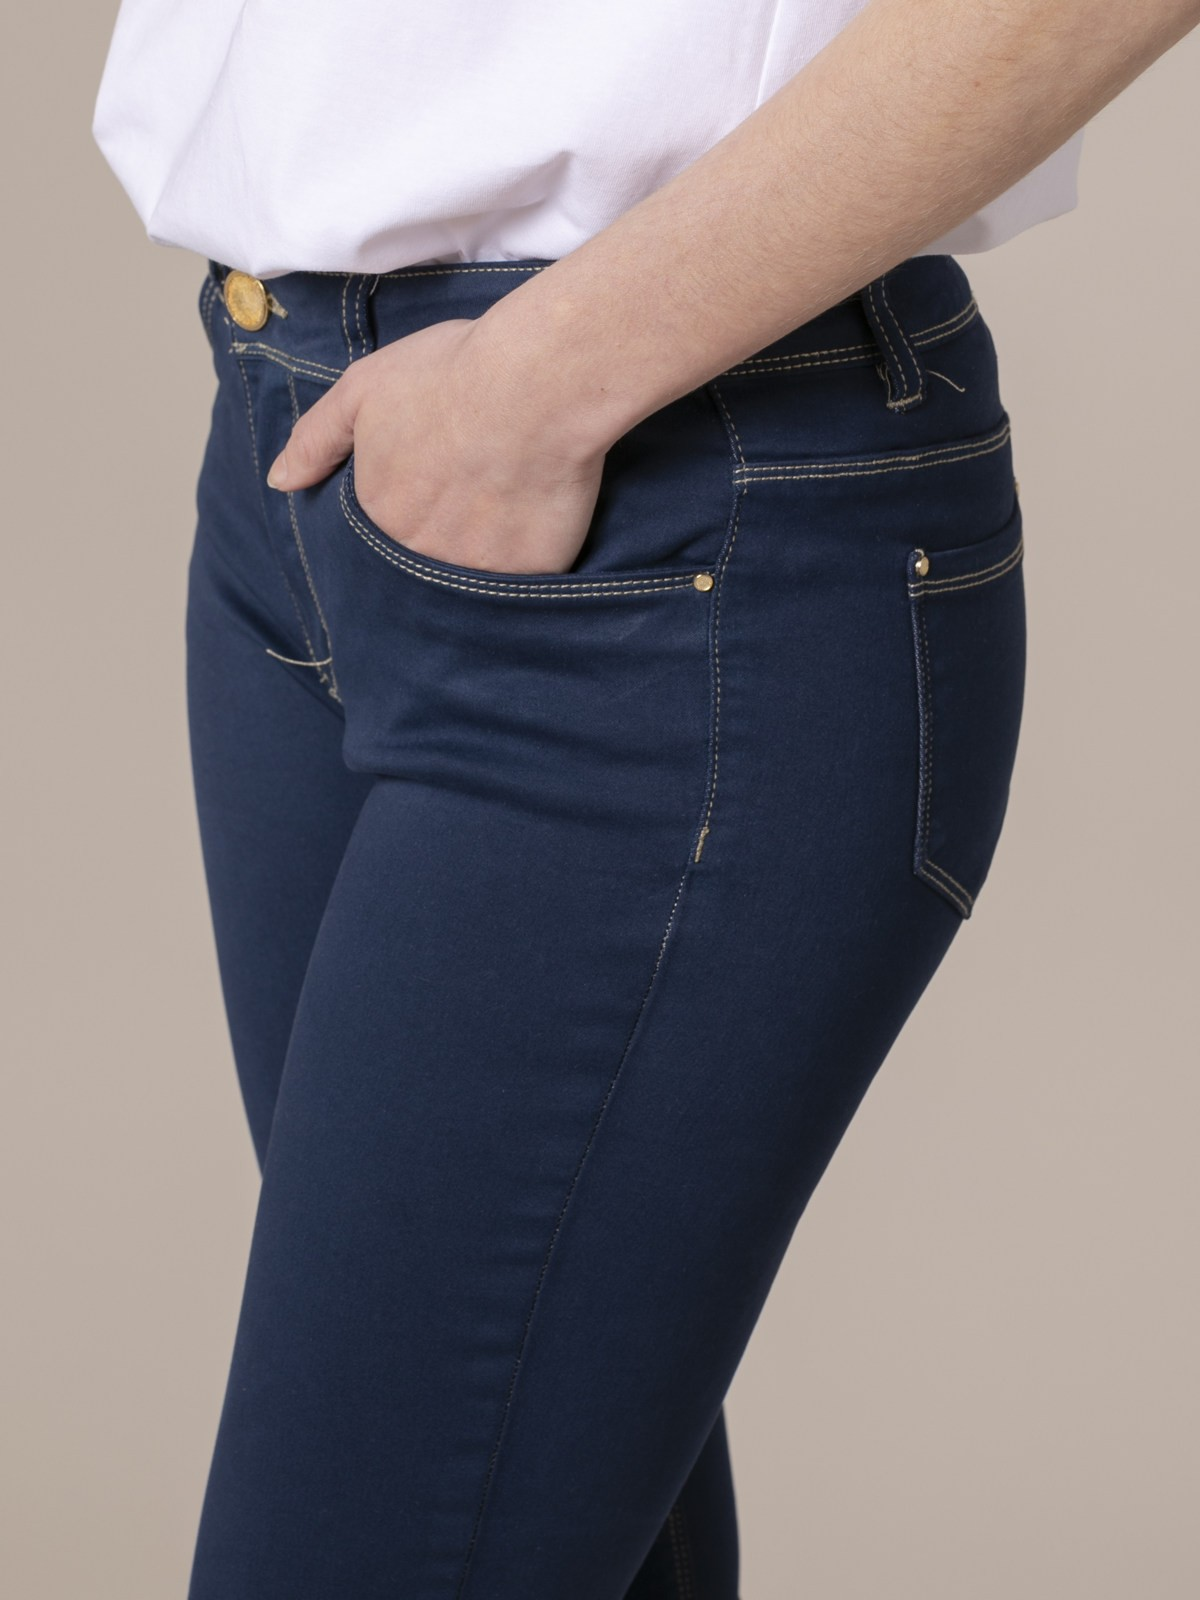 Pantalón 5 bolsillos elastico Azul Marino